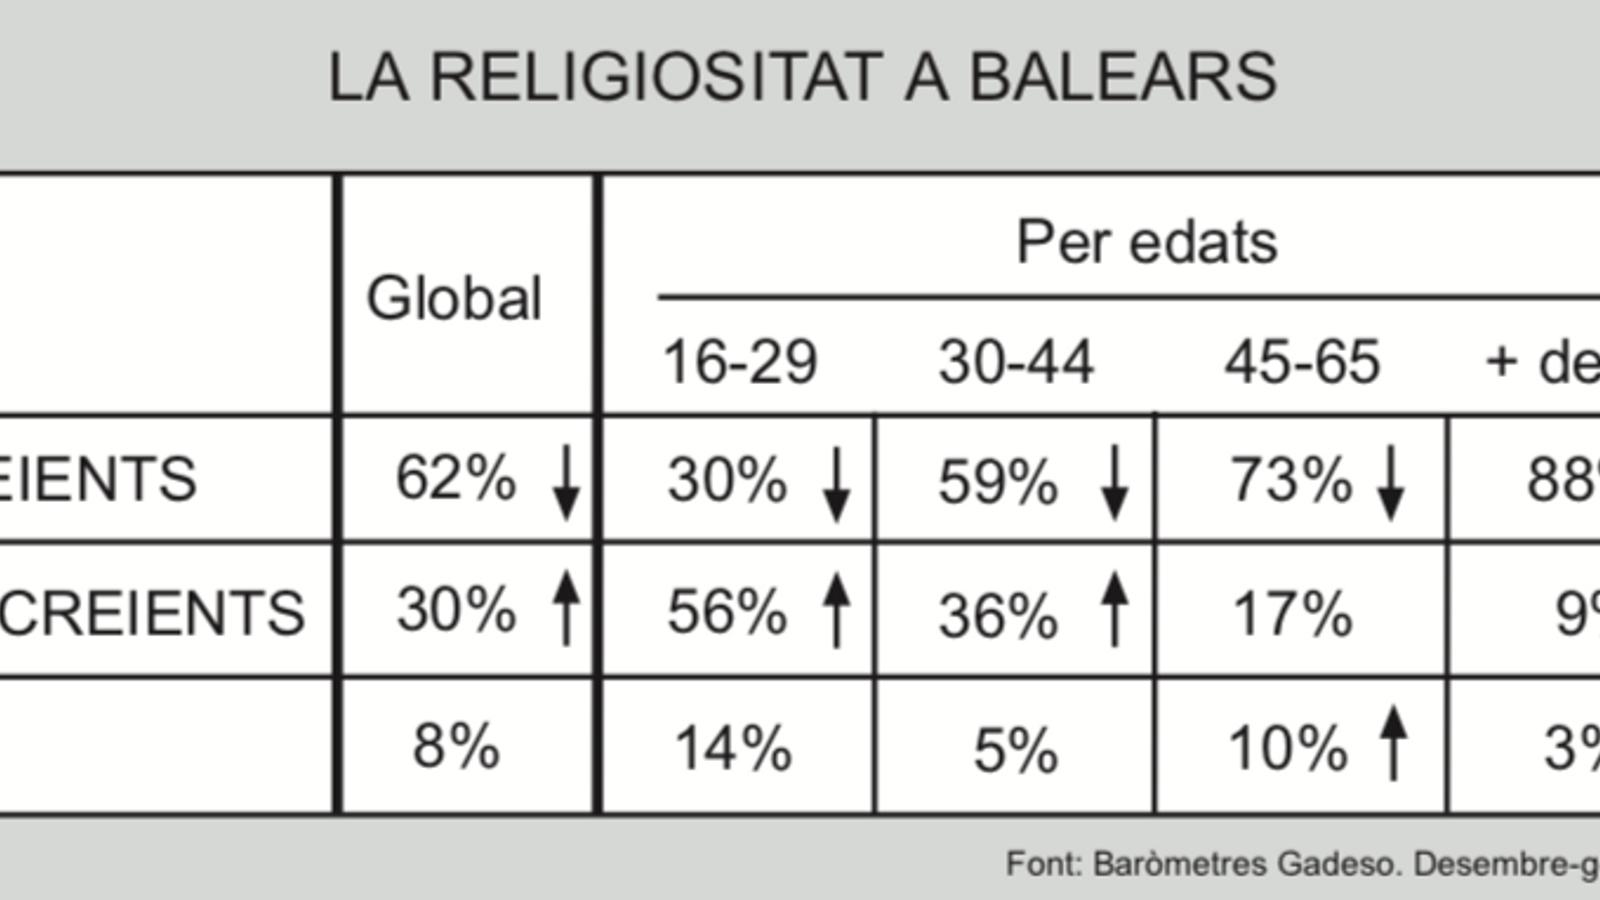 Quadre sobre la religiositat en funció de la franja d'edat.